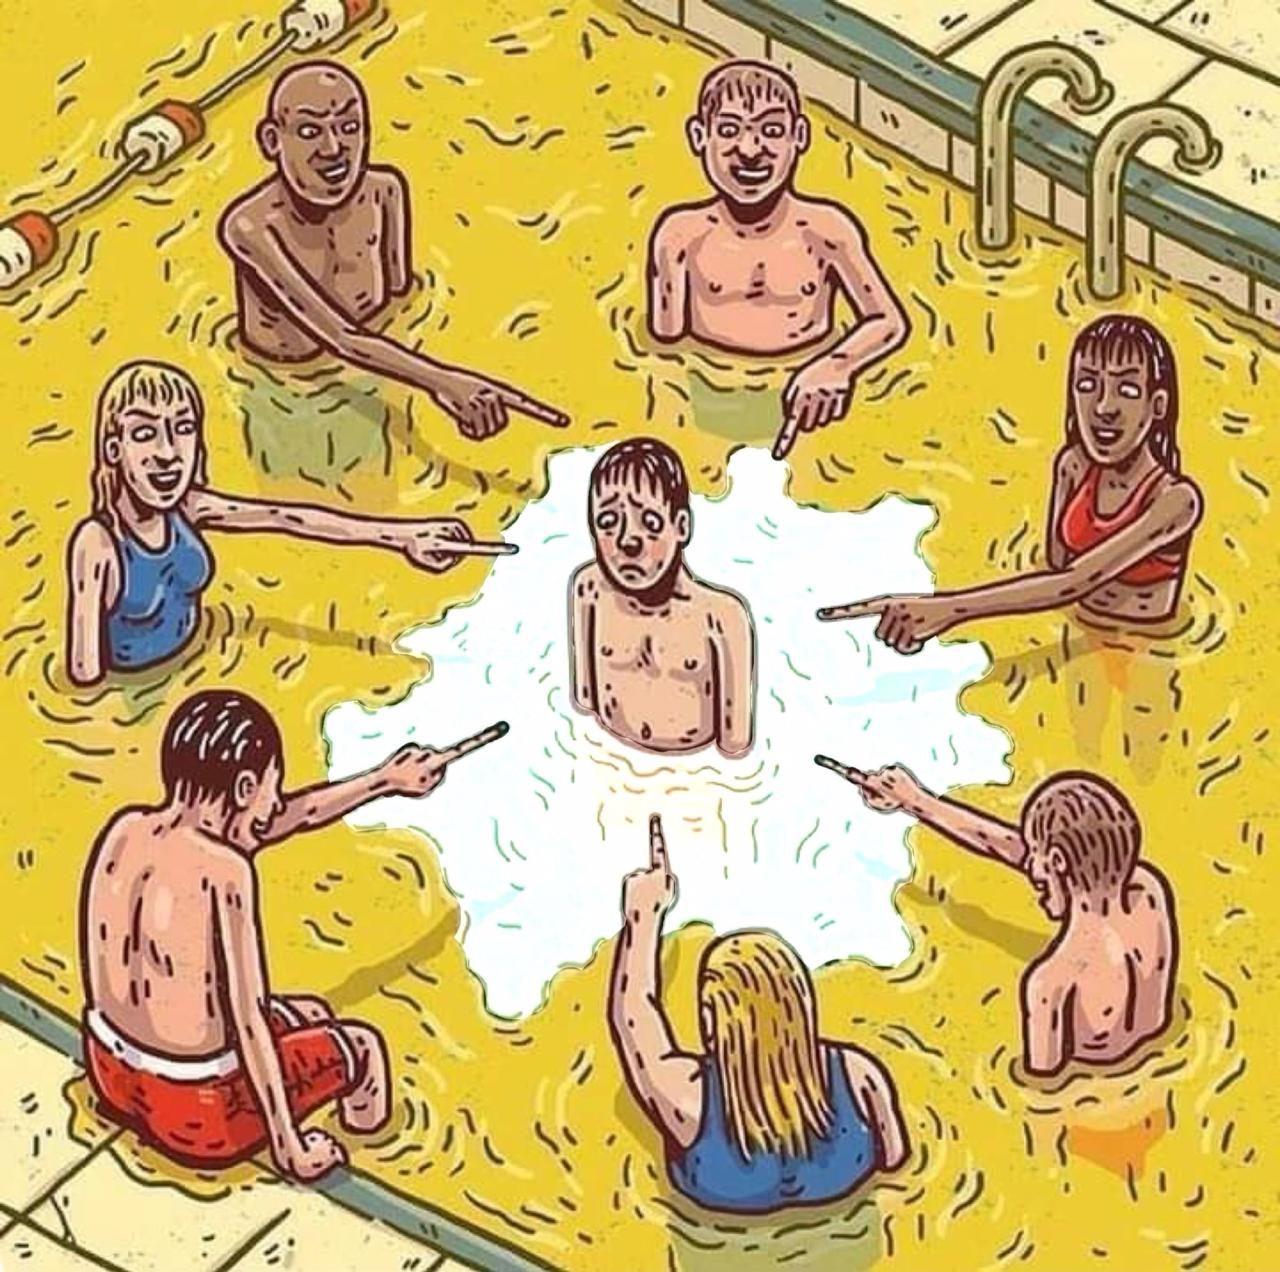 No cumming in the pee pool